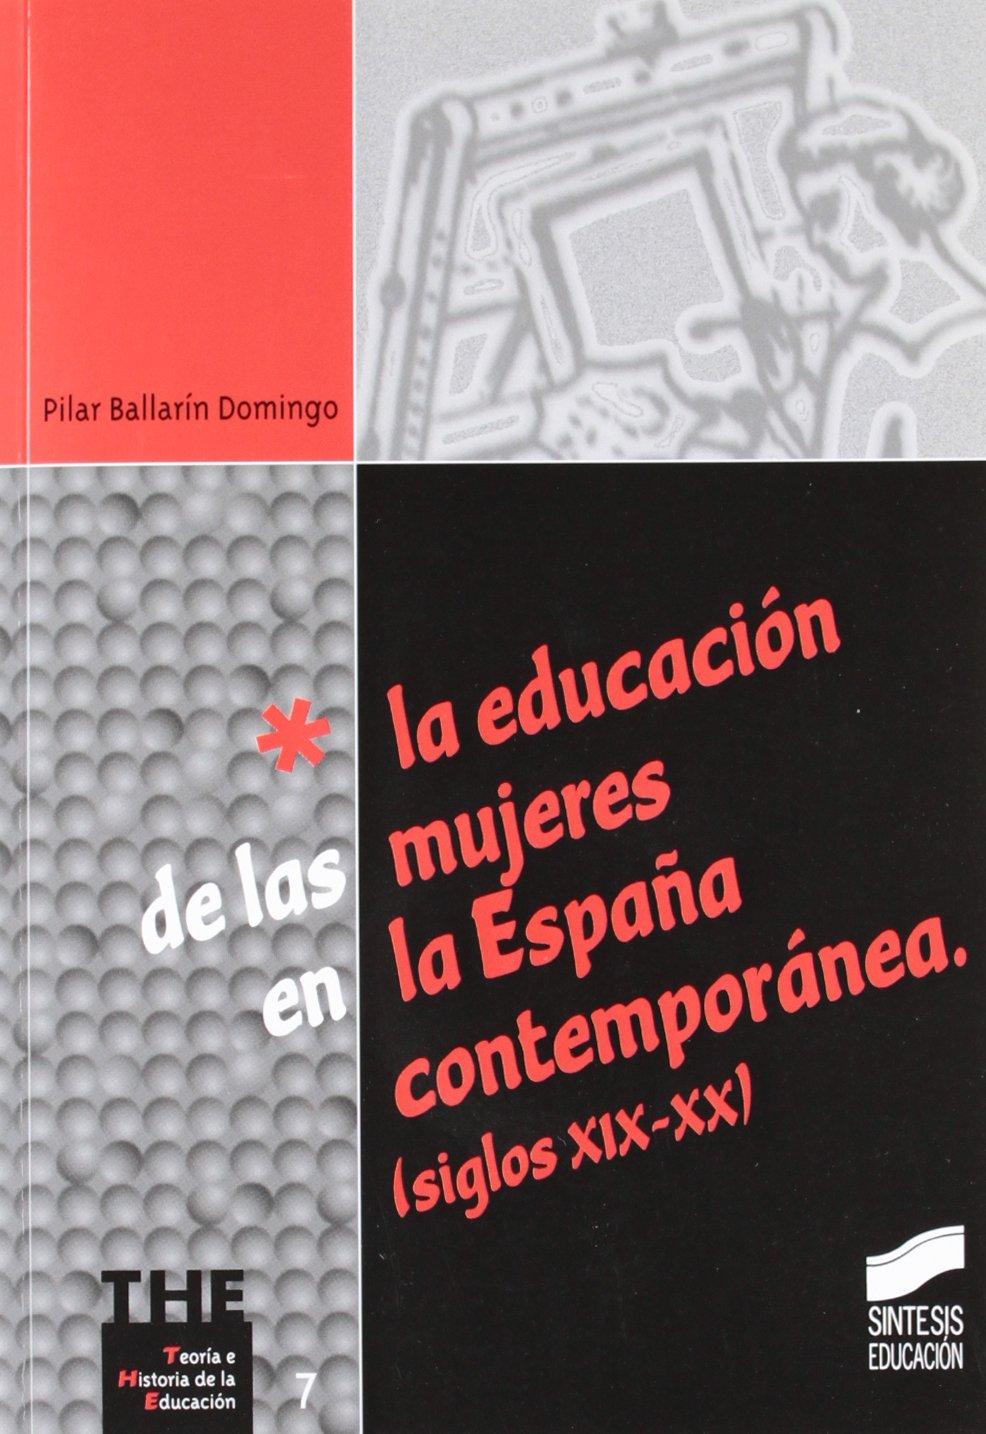 La educación de las mujeres en la España contemporánea siglos XIX-XX : 7 Teoría e historia de la educación: Amazon.es: Ballarín Domingo, Pilar: Libros